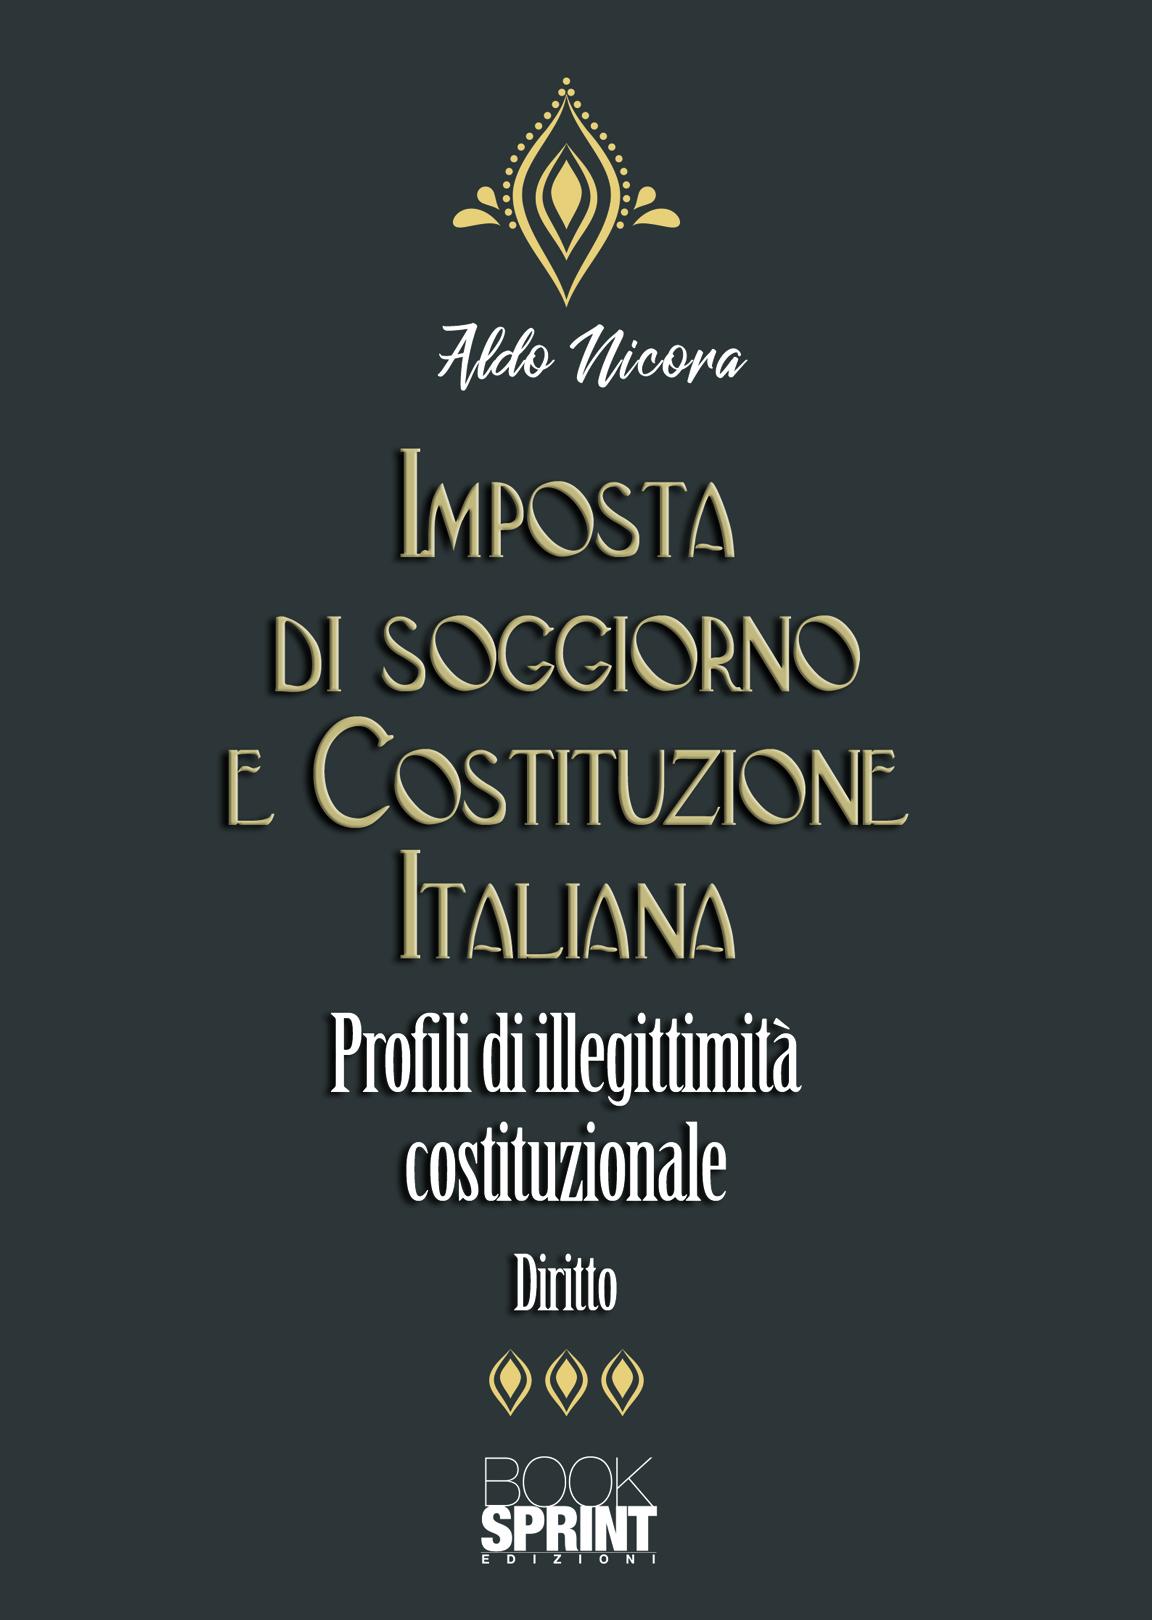 Imposta di soggiorno e Costituzione italiana di Aldo ...